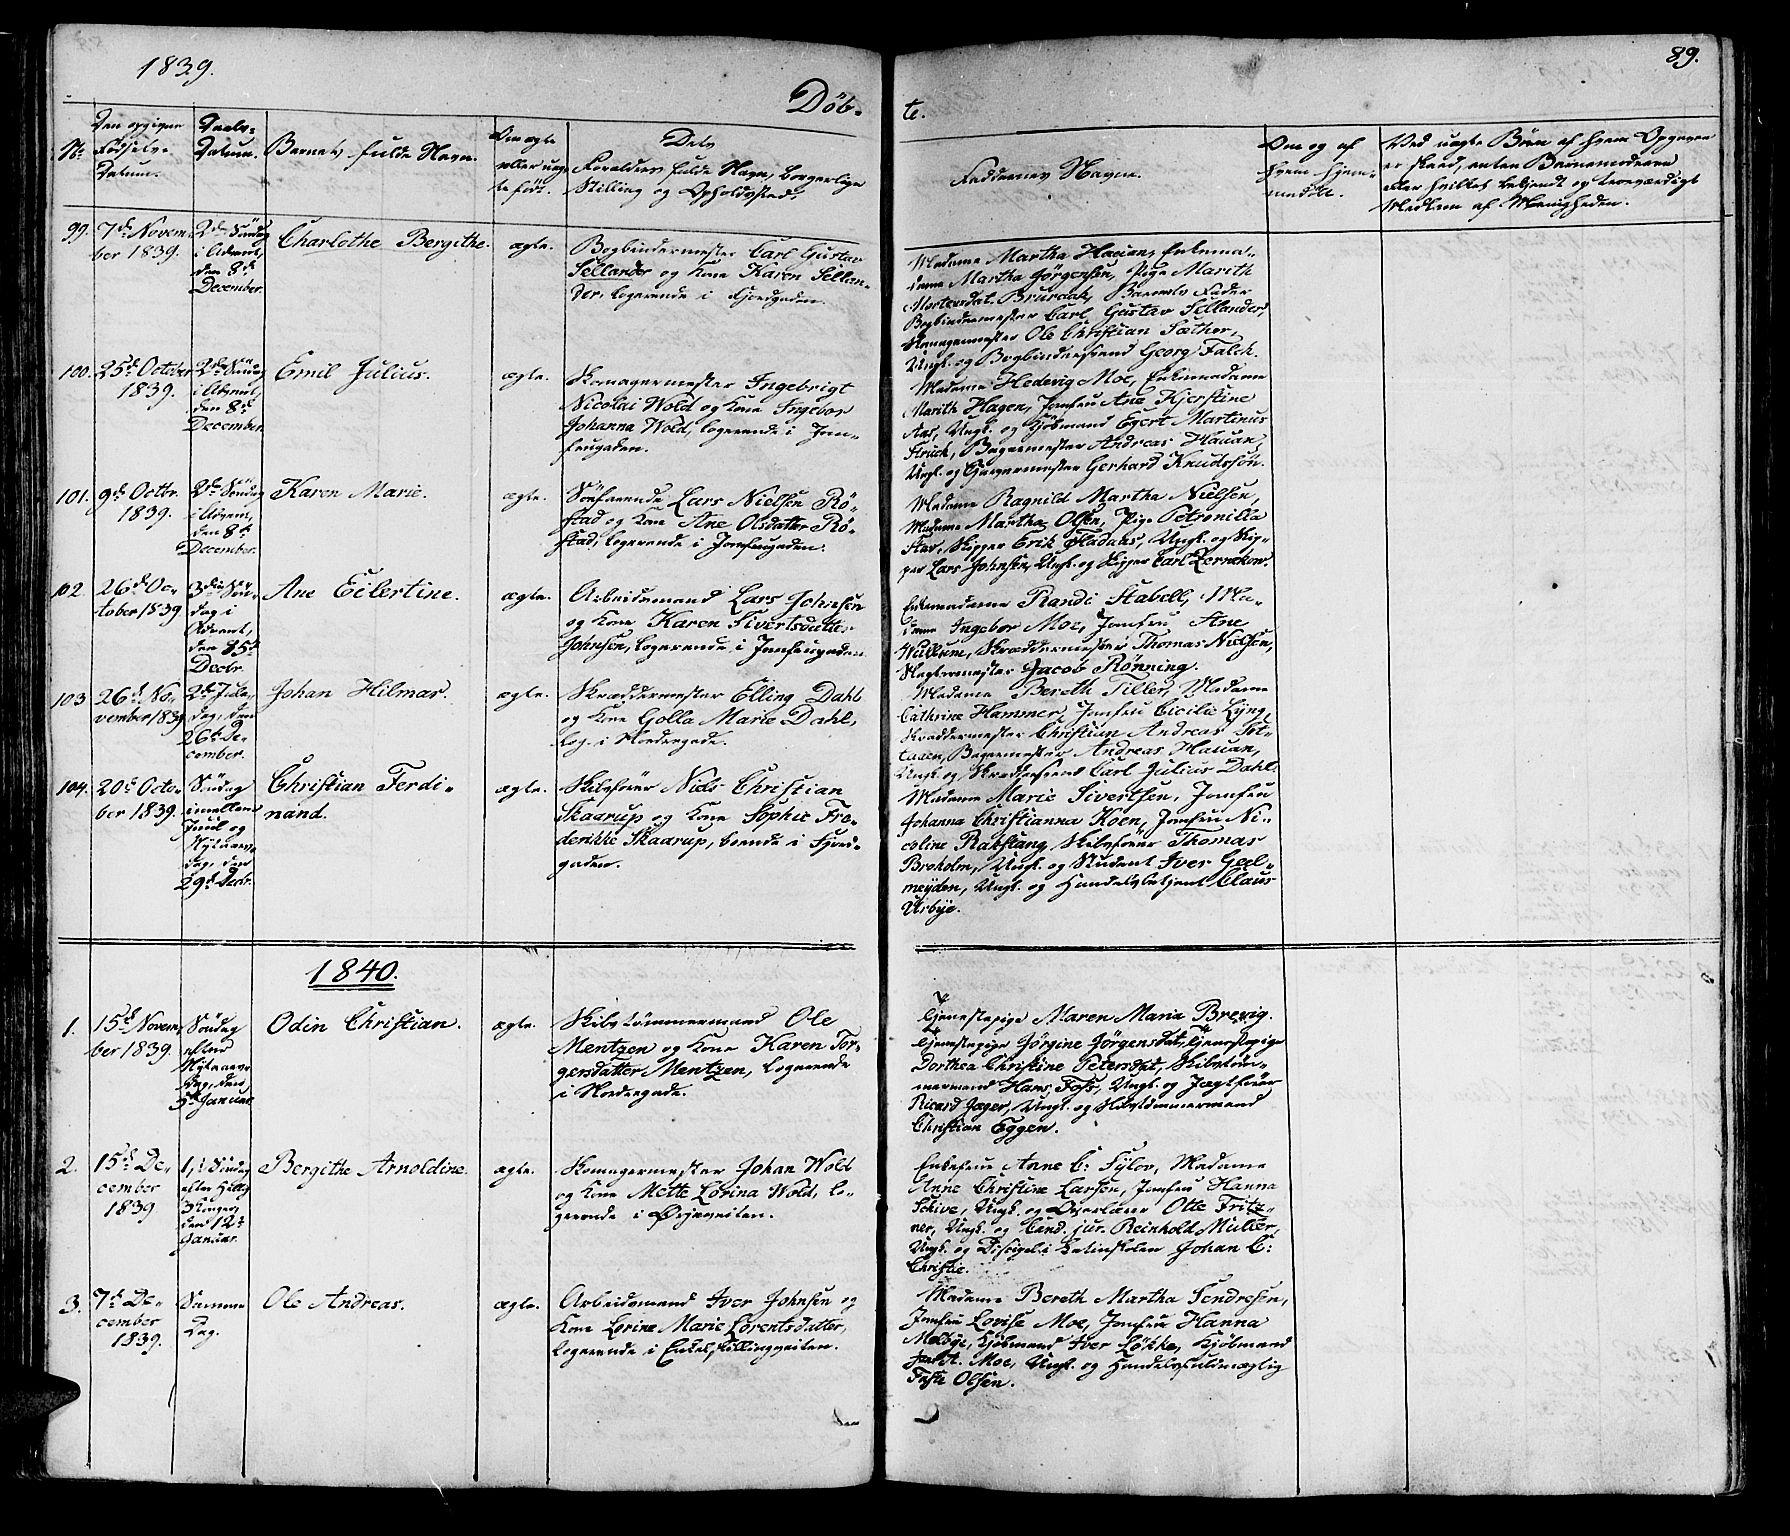 SAT, Ministerialprotokoller, klokkerbøker og fødselsregistre - Sør-Trøndelag, 602/L0136: Klokkerbok nr. 602C04, 1833-1845, s. 89